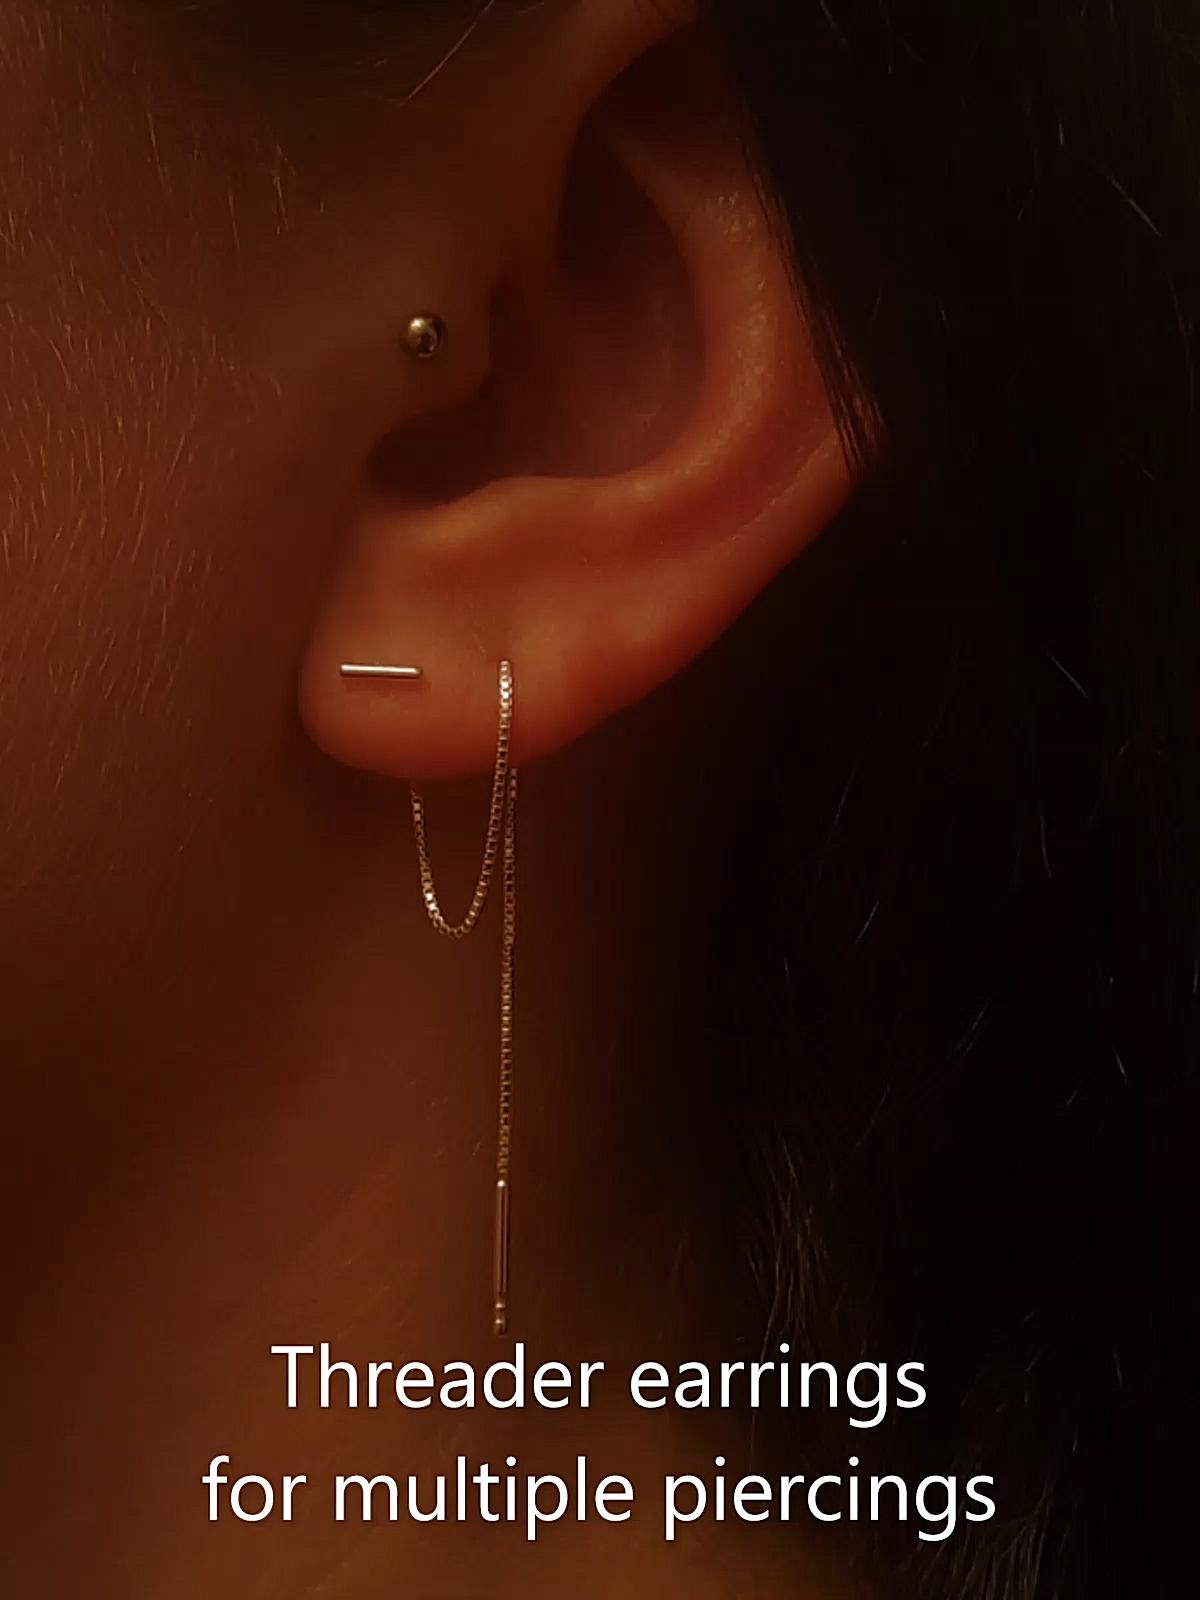 3 ear piercings in a row earrings